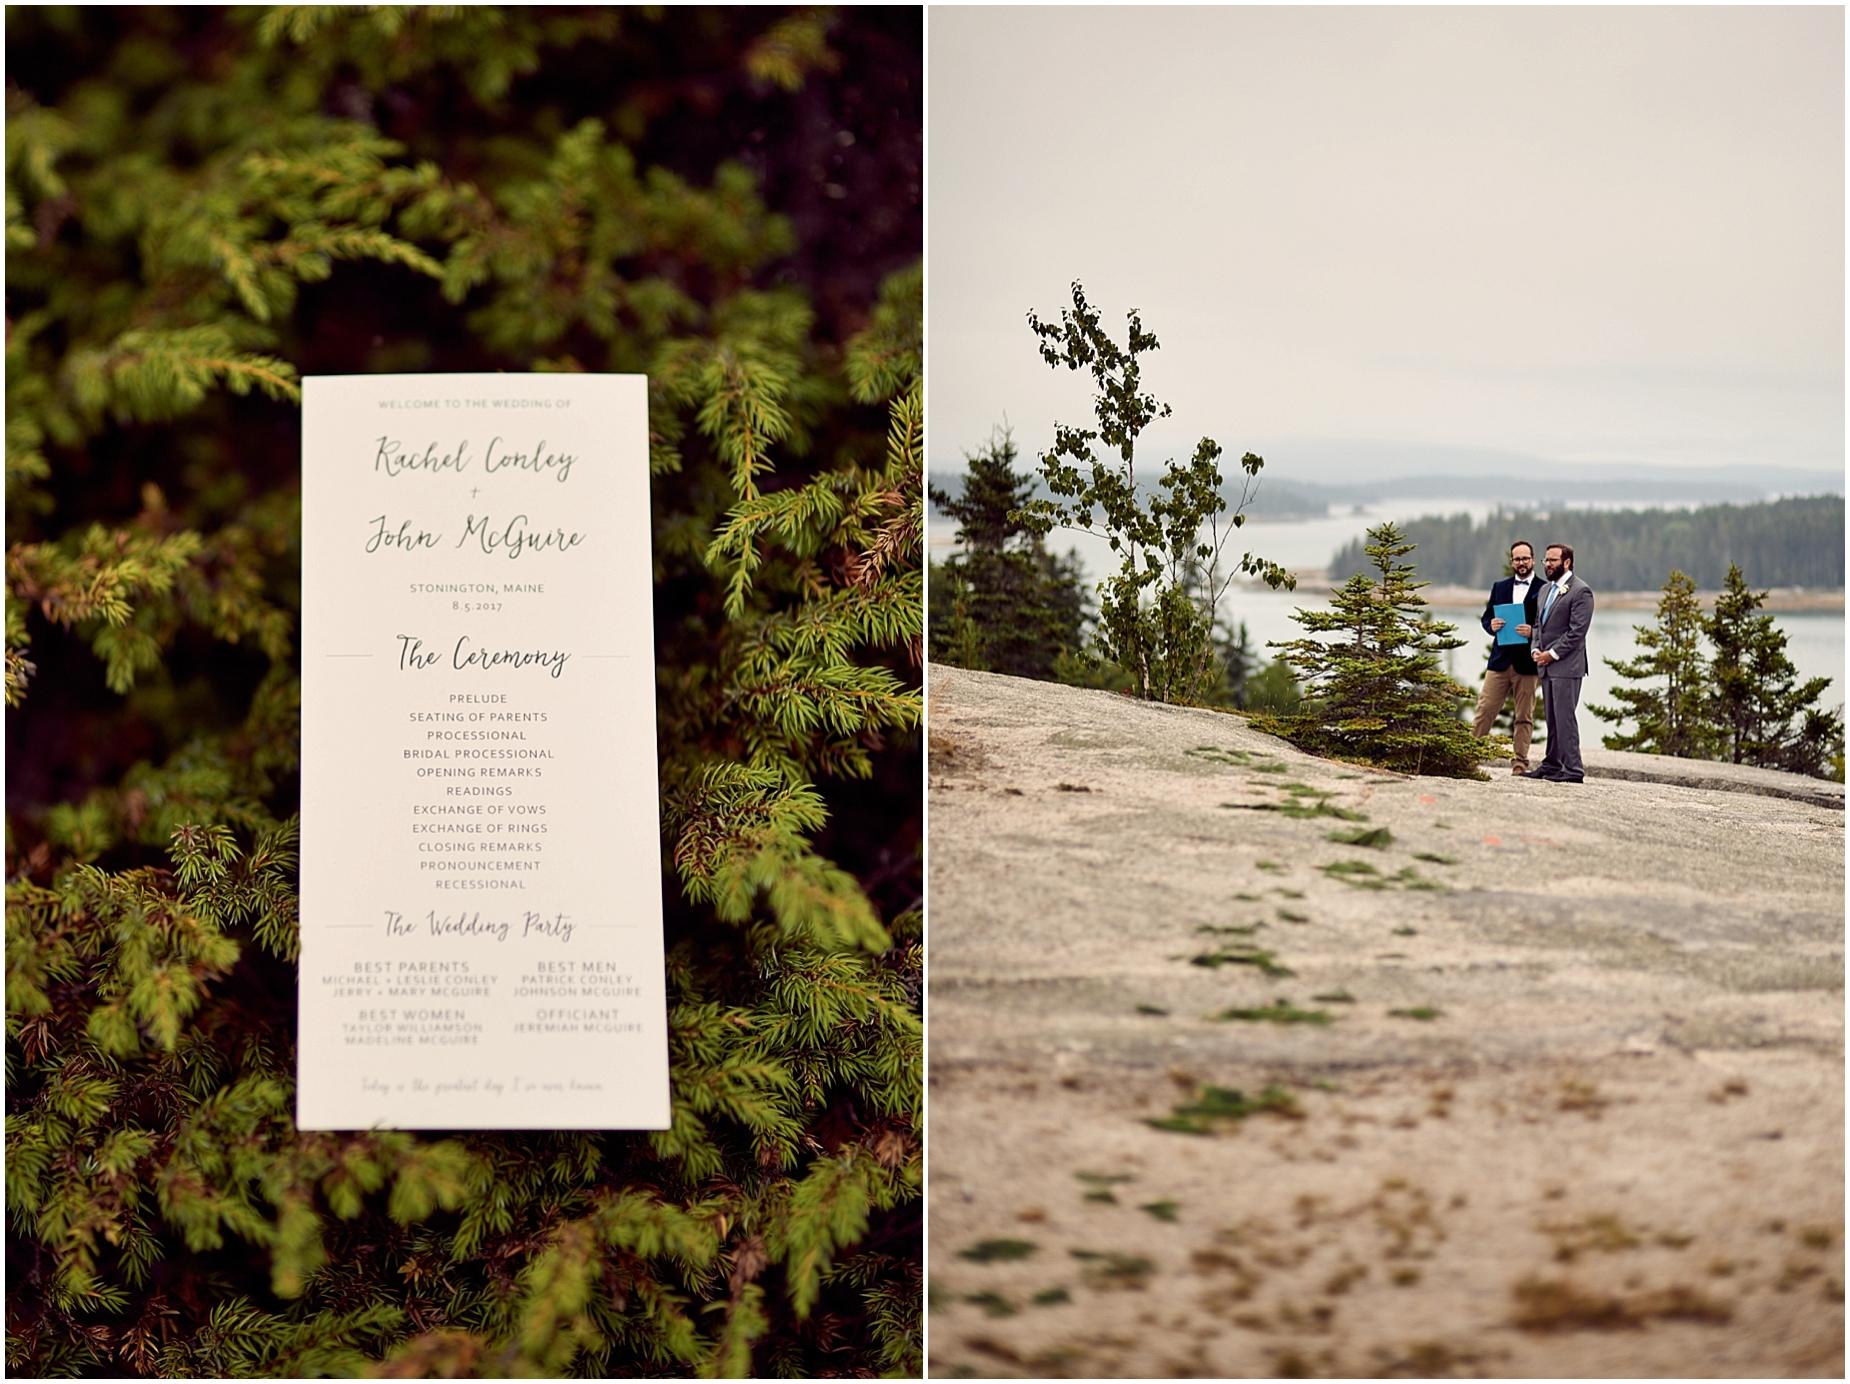 Rachel and John's wedding in Stonington, Maine